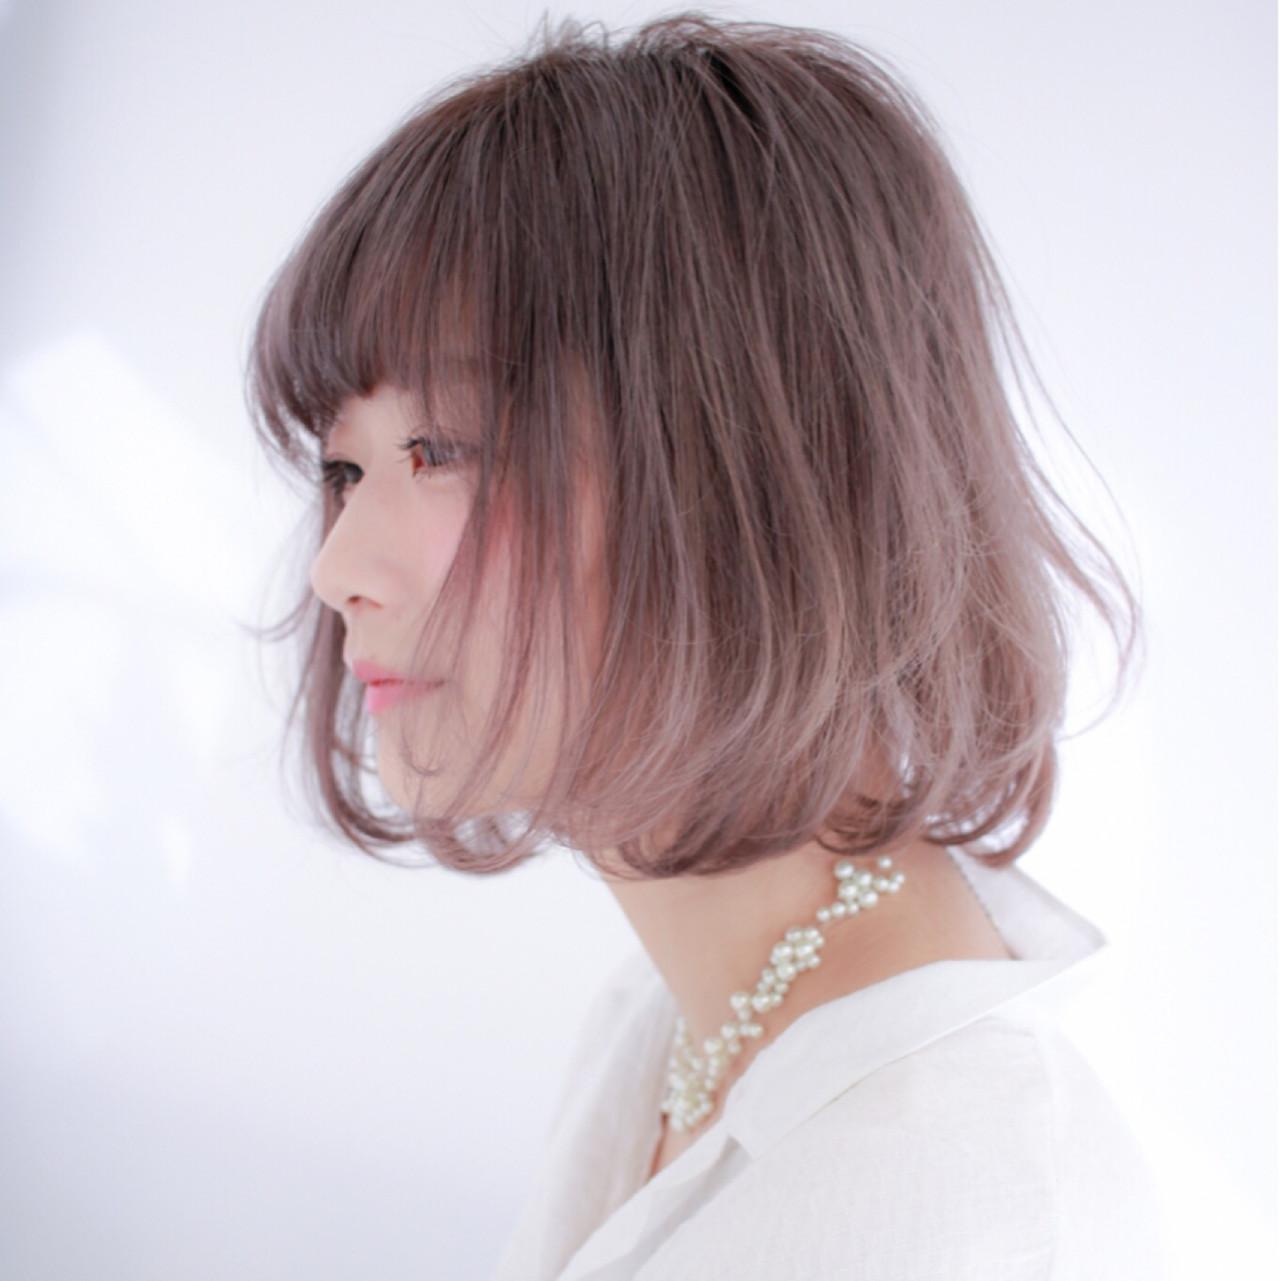 ハイトーン デート フェミニン ボブ ヘアスタイルや髪型の写真・画像